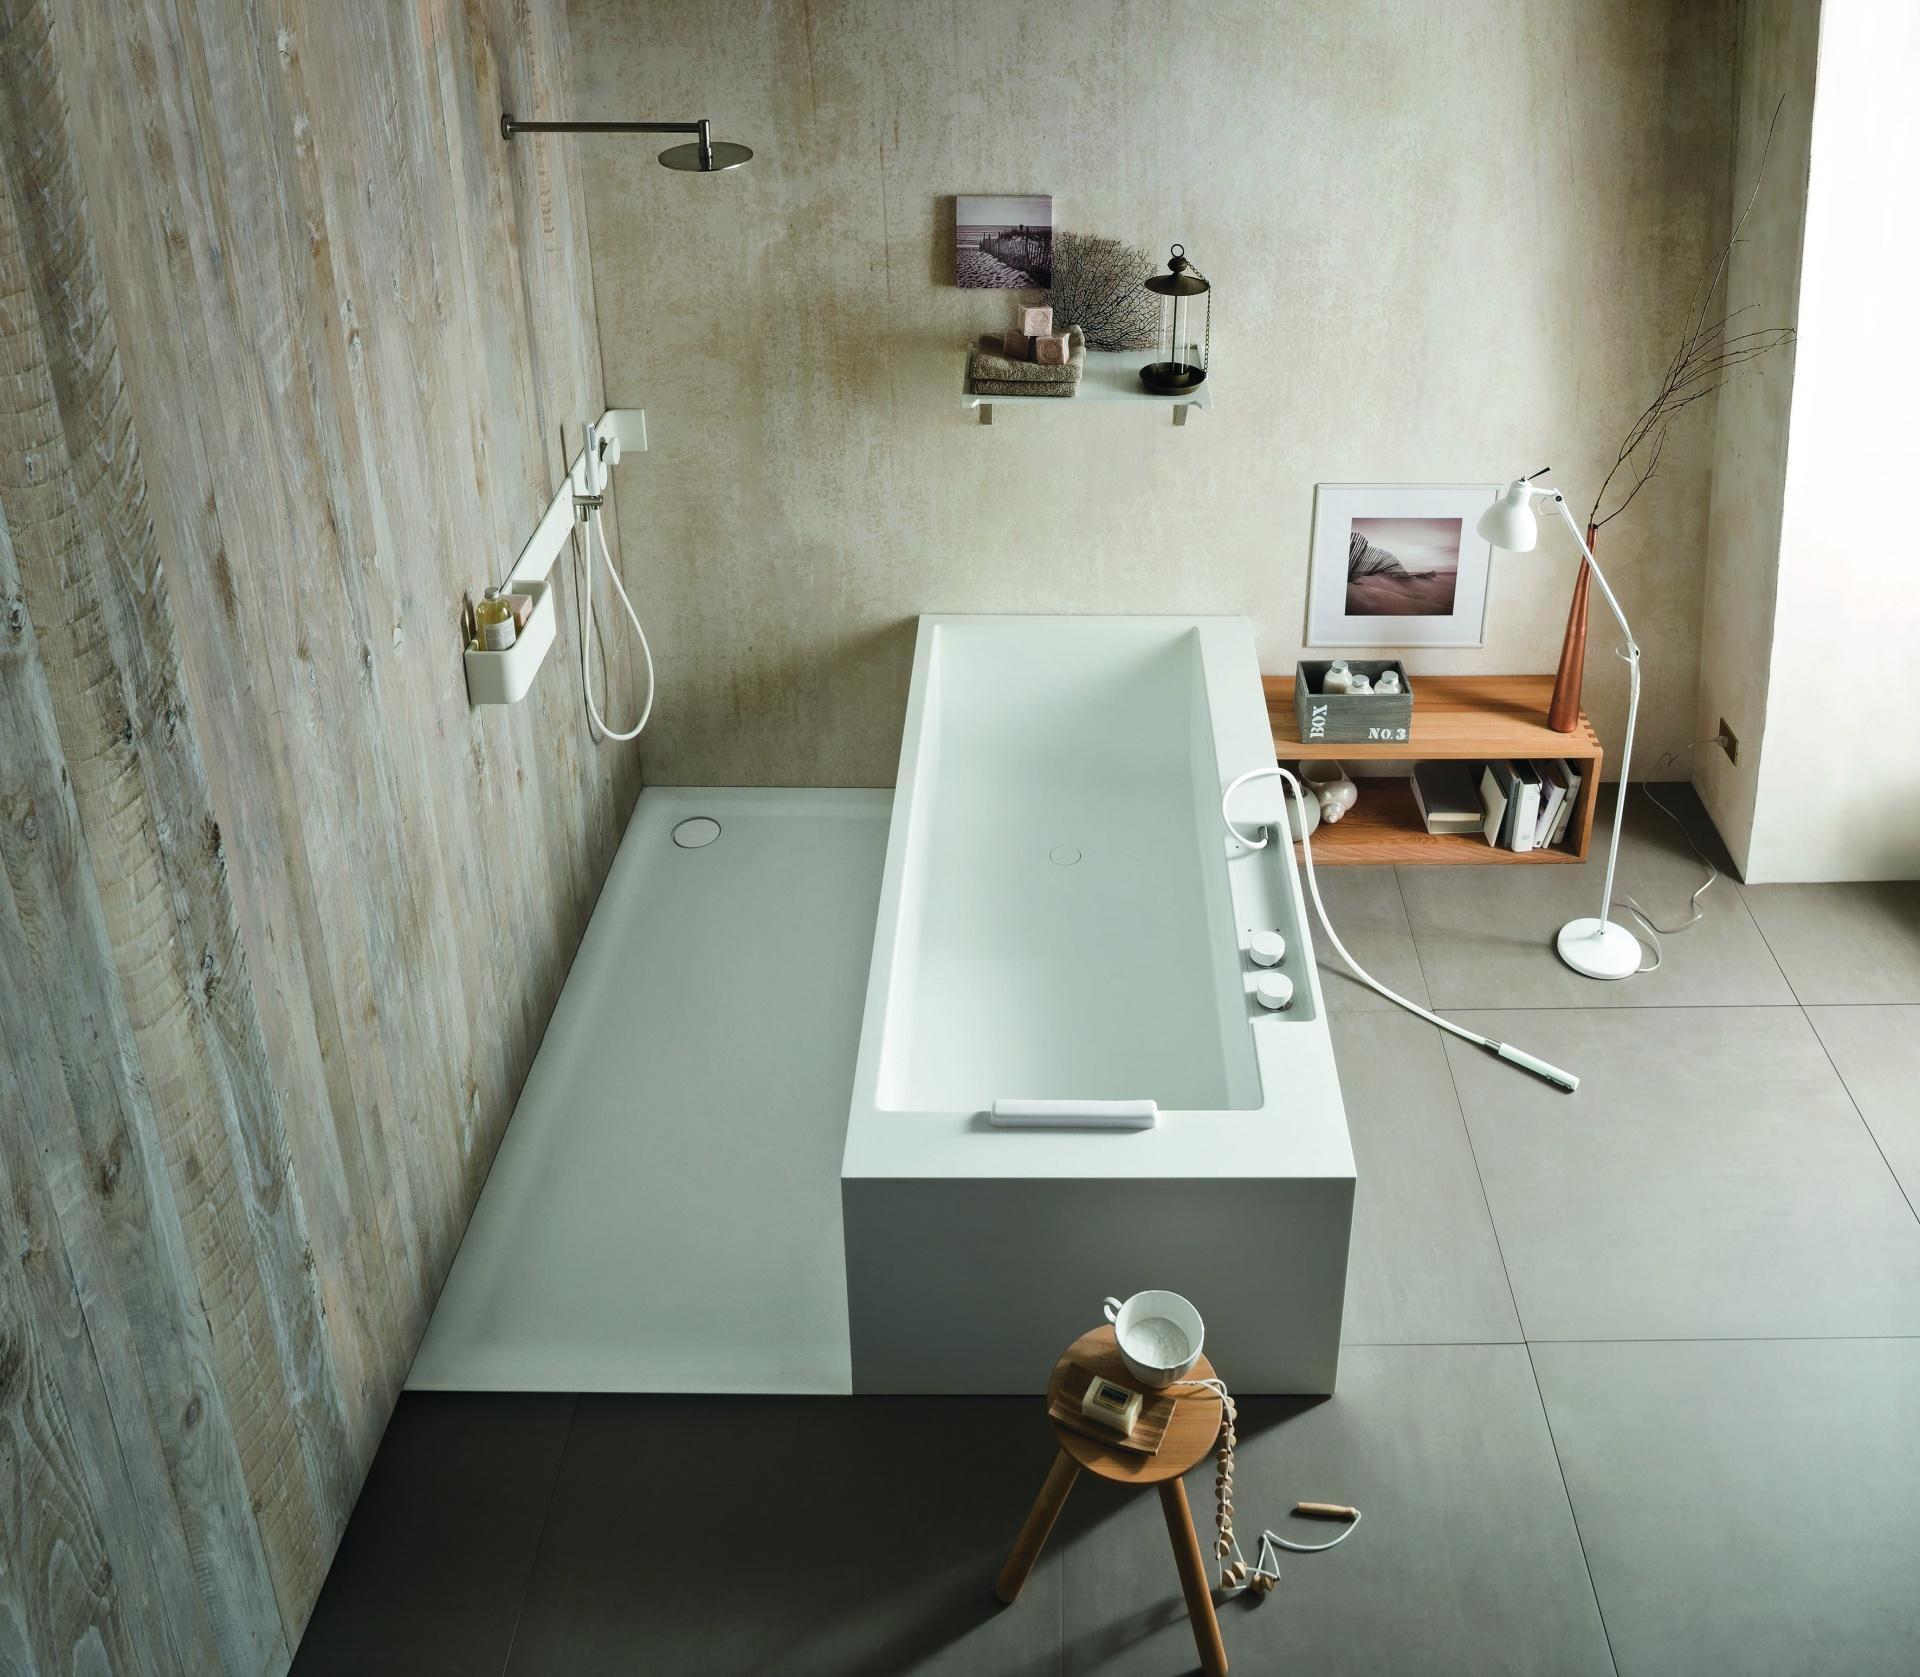 dusche oder badewanne tipps f r den badezimmer umbau. Black Bedroom Furniture Sets. Home Design Ideas